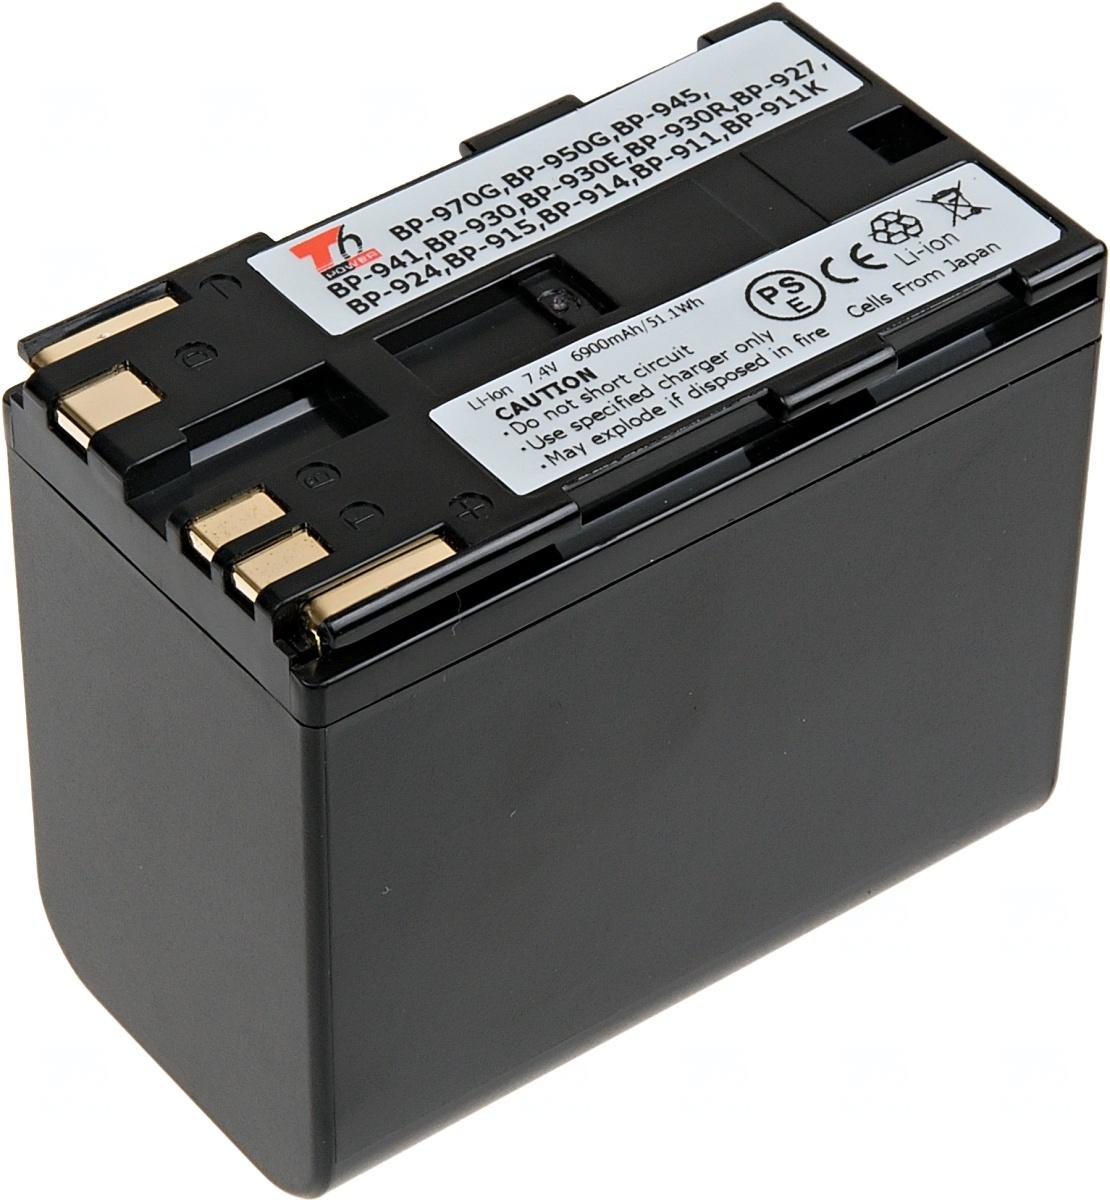 Baterie T6 power Canon BP-911, BP-914, BP-930, BP-945, BP-950, BP-955, BP-970, BP-975, 7800mAh (Baterie a gripy)